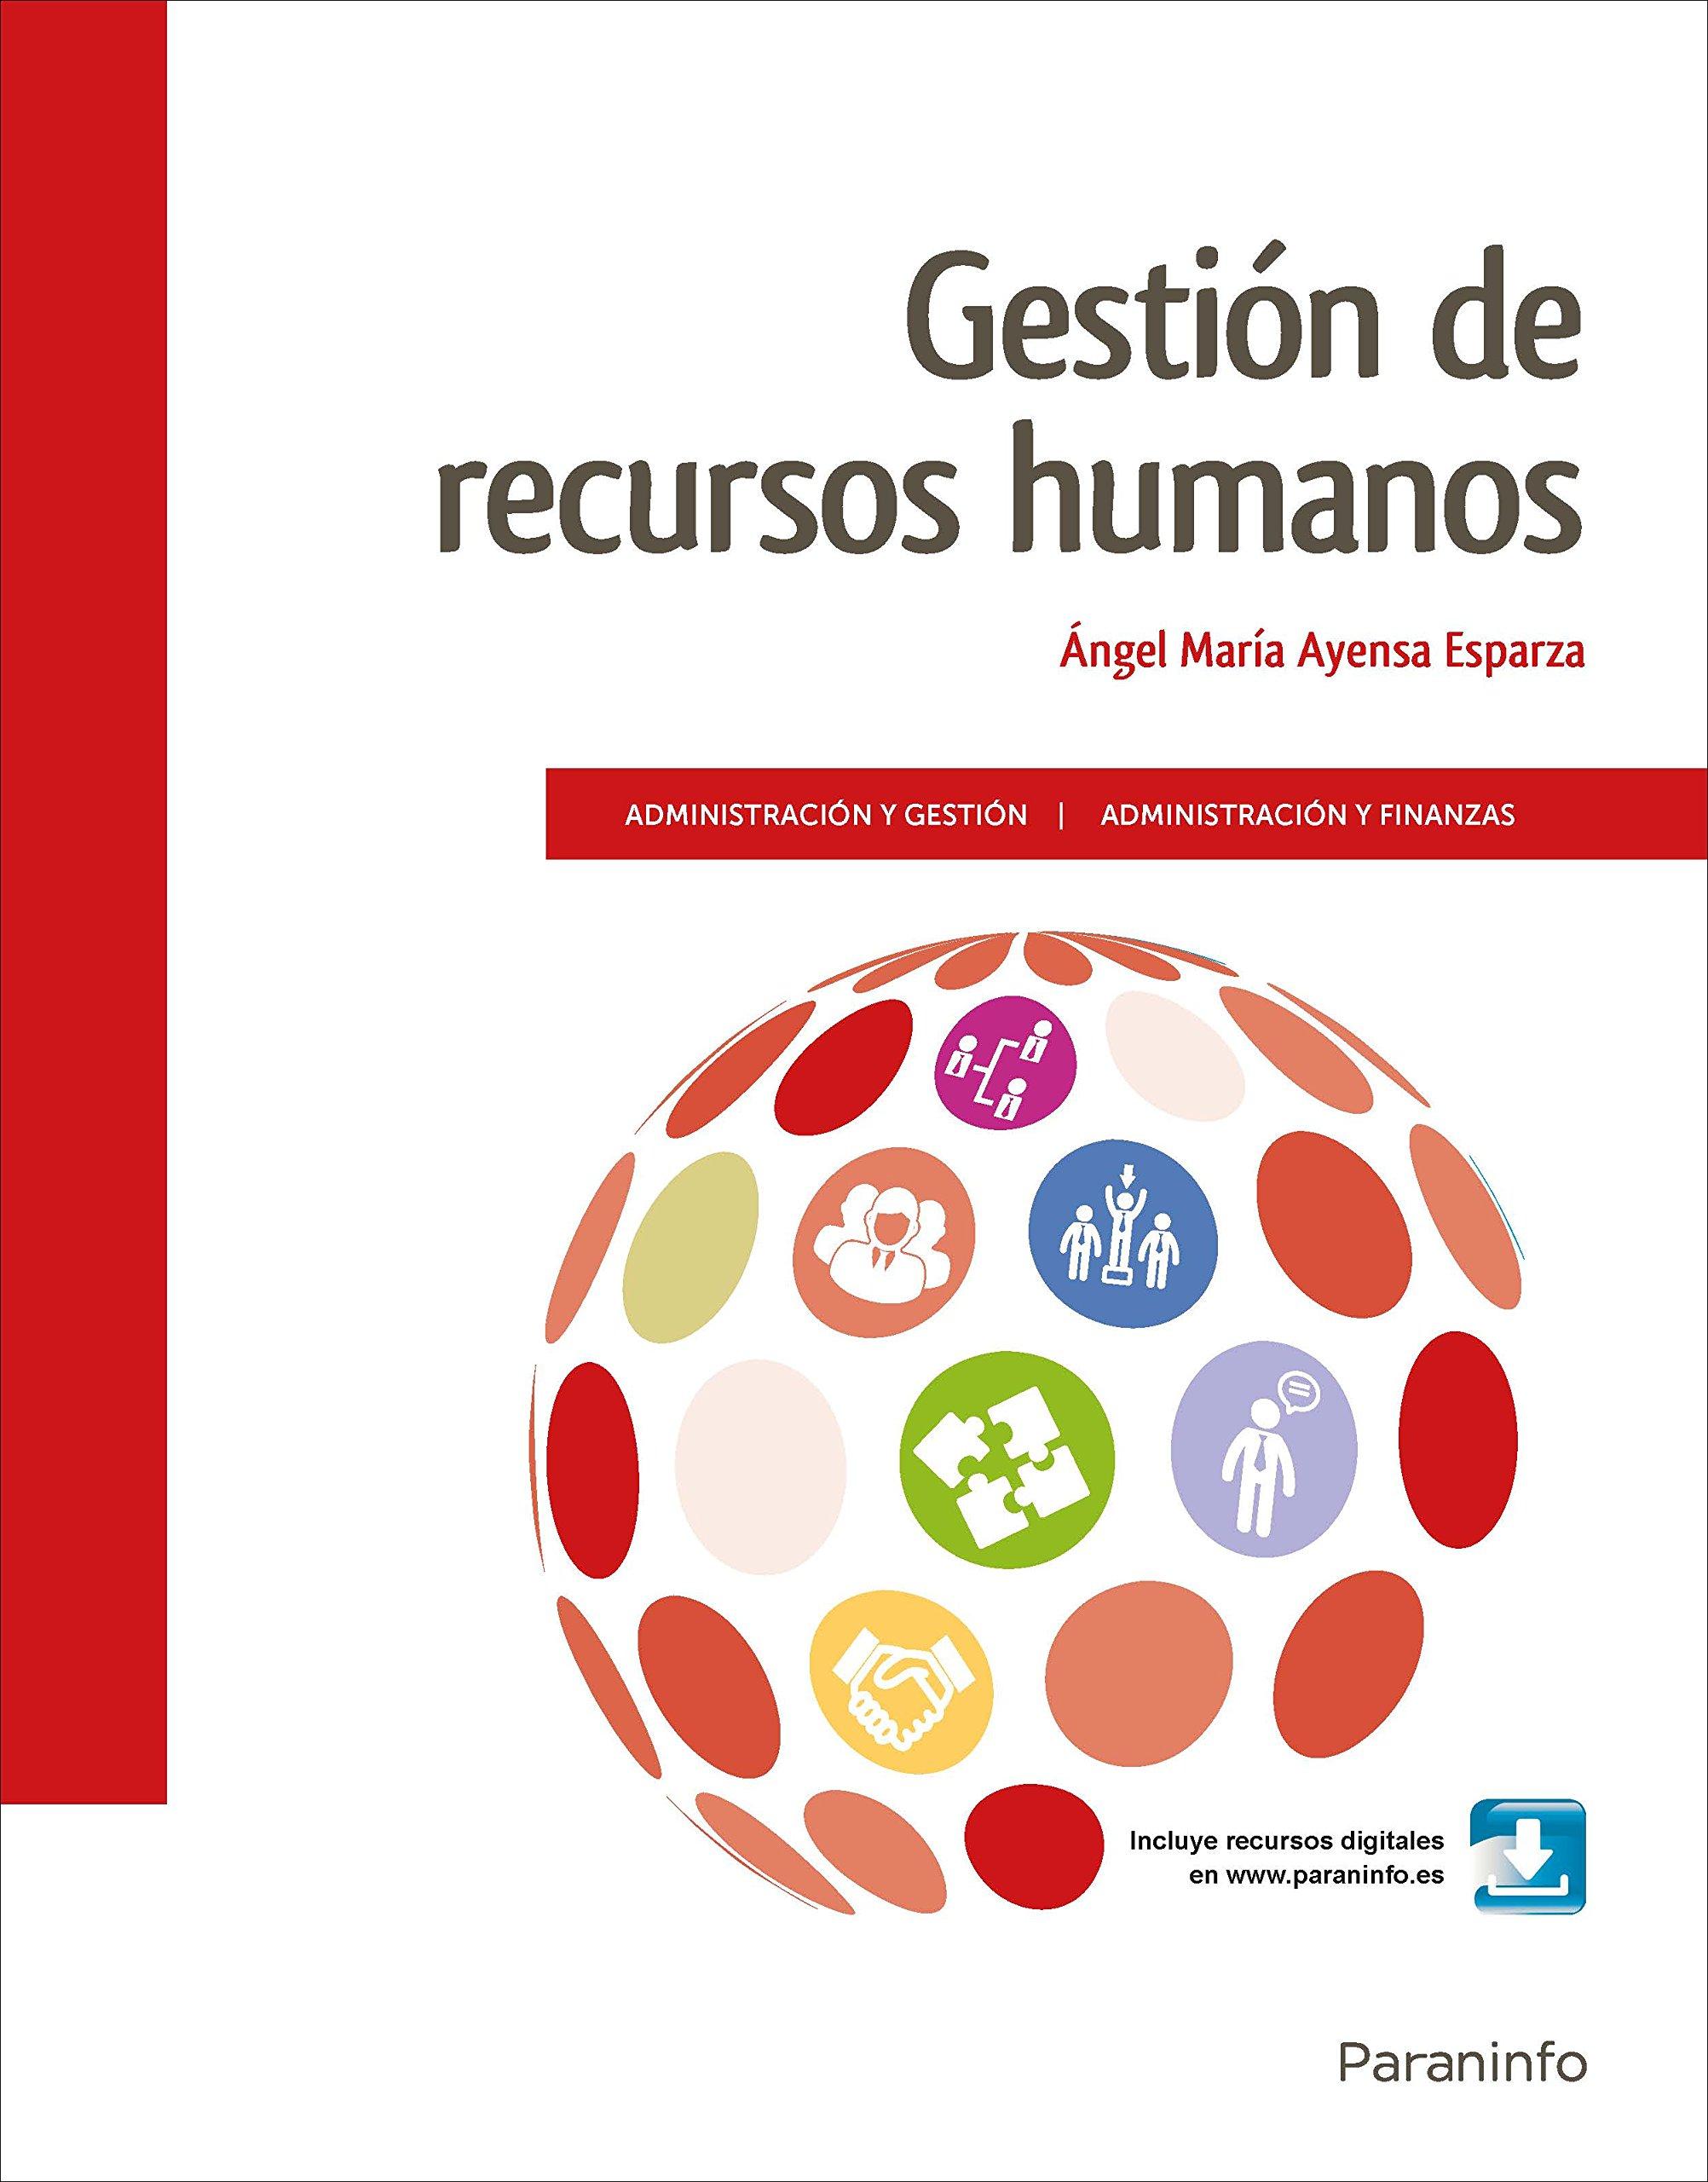 Gestión de recursos humanos ( Ed. 2018) Tapa blanda – 9 may 2018 ÁNGEL MARÍA AYENSA ESPARZA Ediciones Paraninfo S.A 8428340390